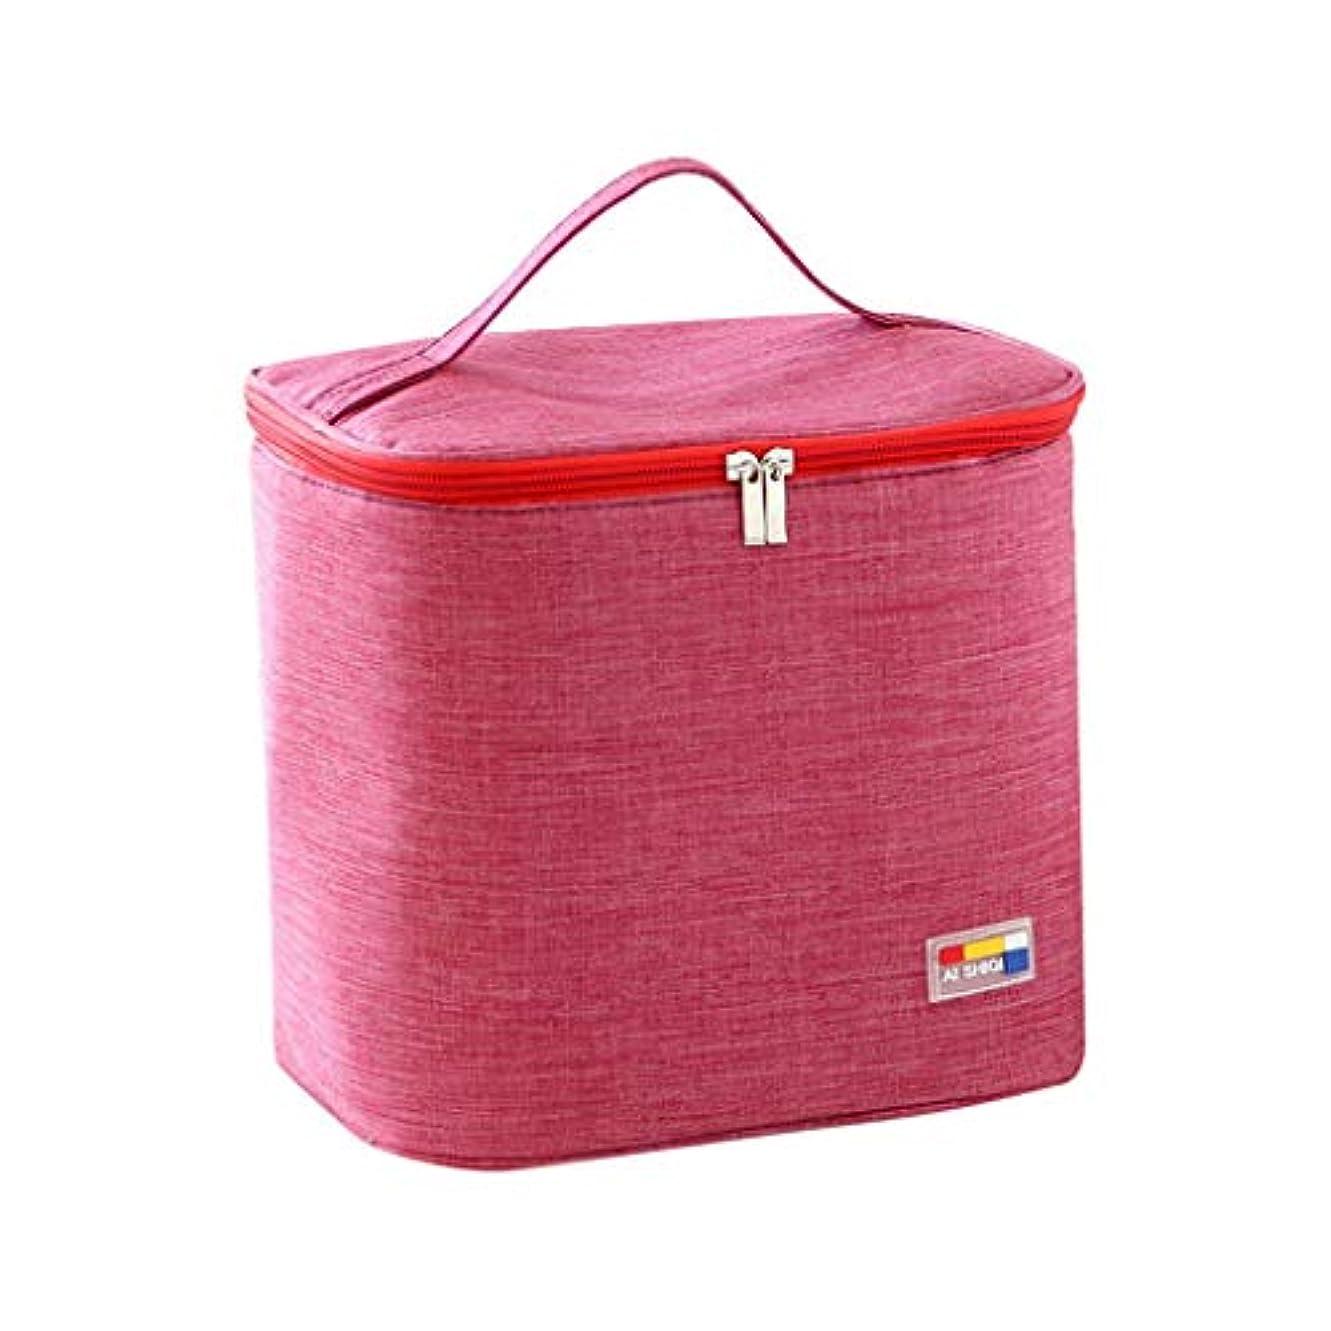 サスペンション立証する専用ランチバッグトートバッグ断熱性を向上キャンプに適していますシンプルなバッグイージーファッション絶縁バッグ冷蔵バッグポケットを描く冷却ハンドバッグ防水ハンドバッグ (A)